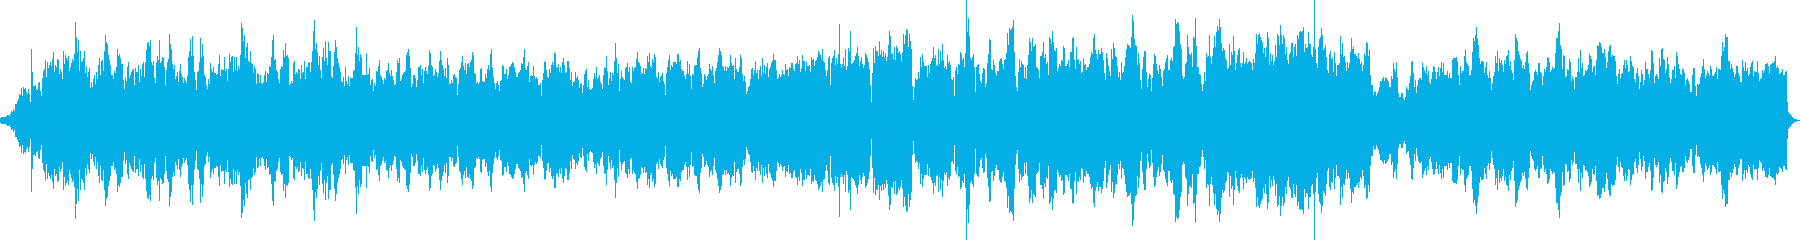 ハリウッドのパニック映画系の緊迫した曲の再生済みの波形